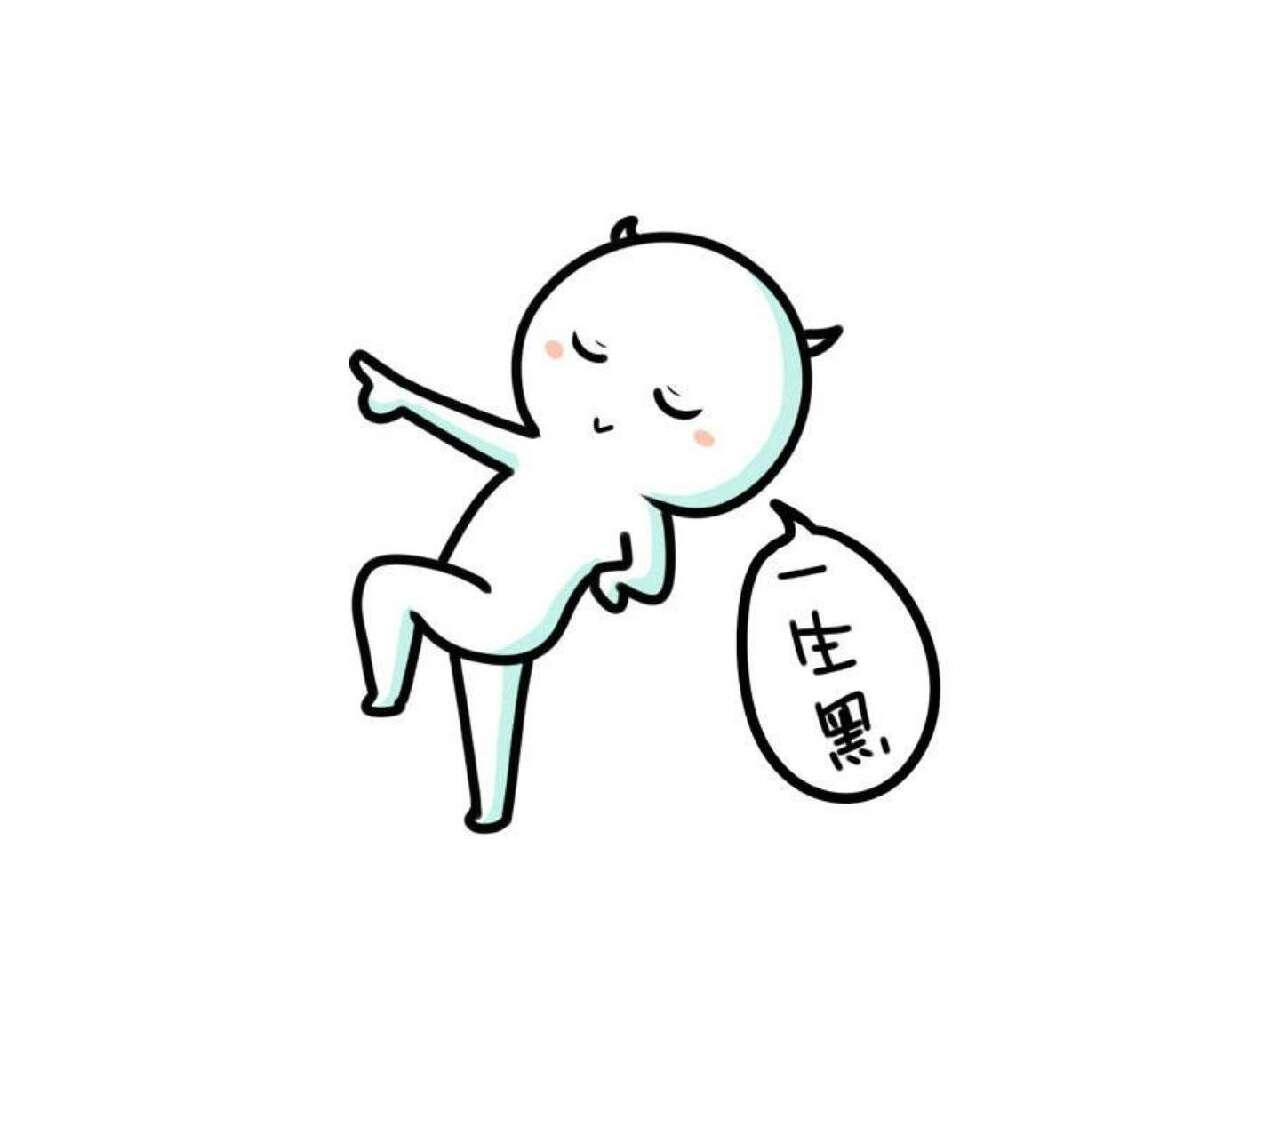 动漫 简笔画 卡通 漫画 手绘 头像 线稿 1280_1137